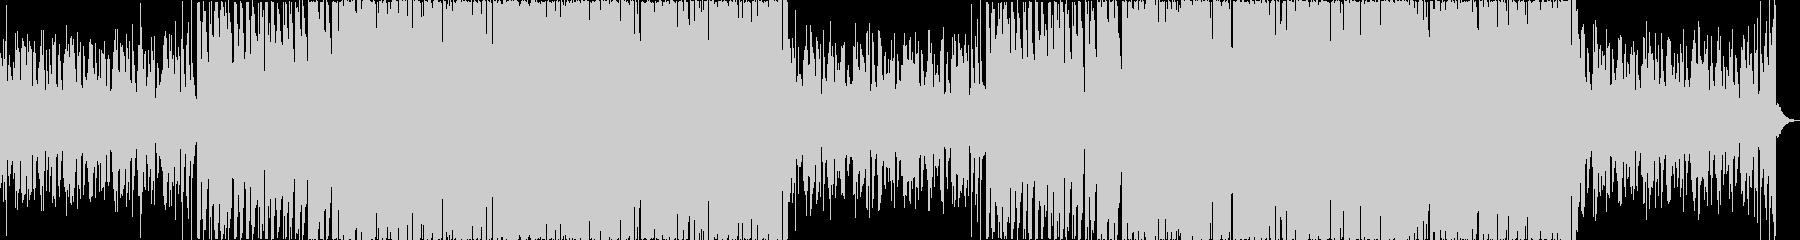 チルアウト軽快爽やかなトロピカルハウスeの未再生の波形